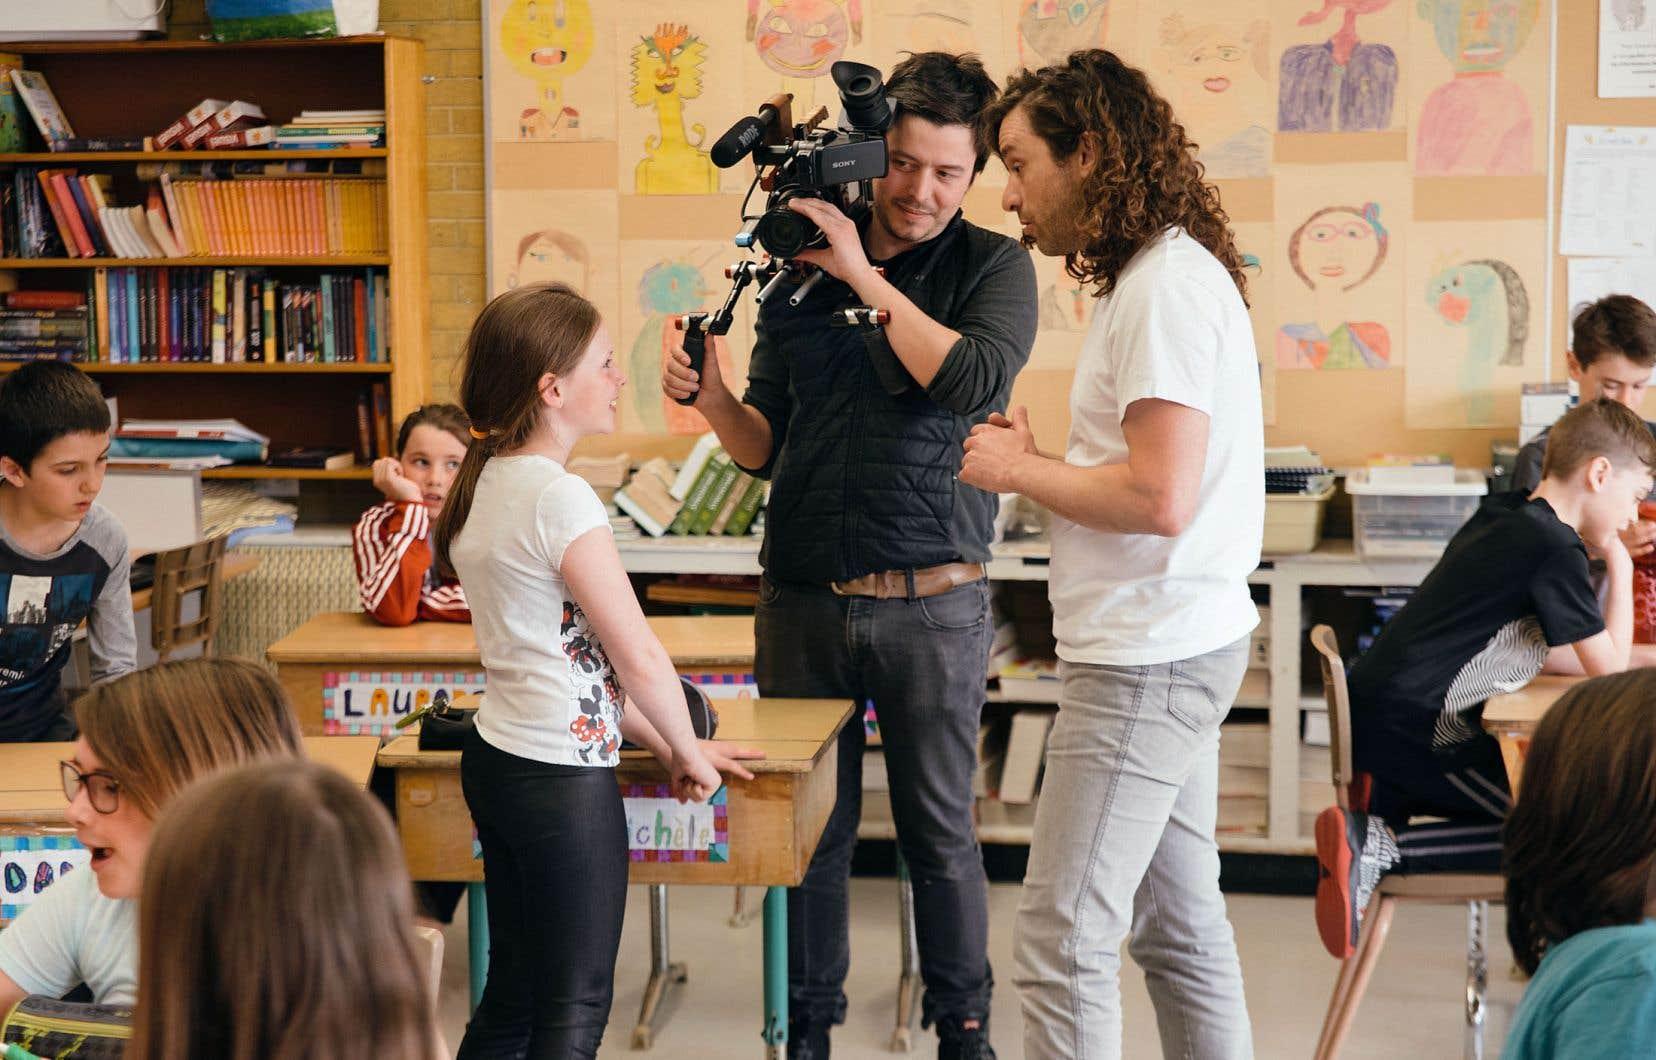 Des enfants de différents milieux socio-économiques ont discuté avec Alexandre Castonguay devant la caméra de Dominic Leclerc.